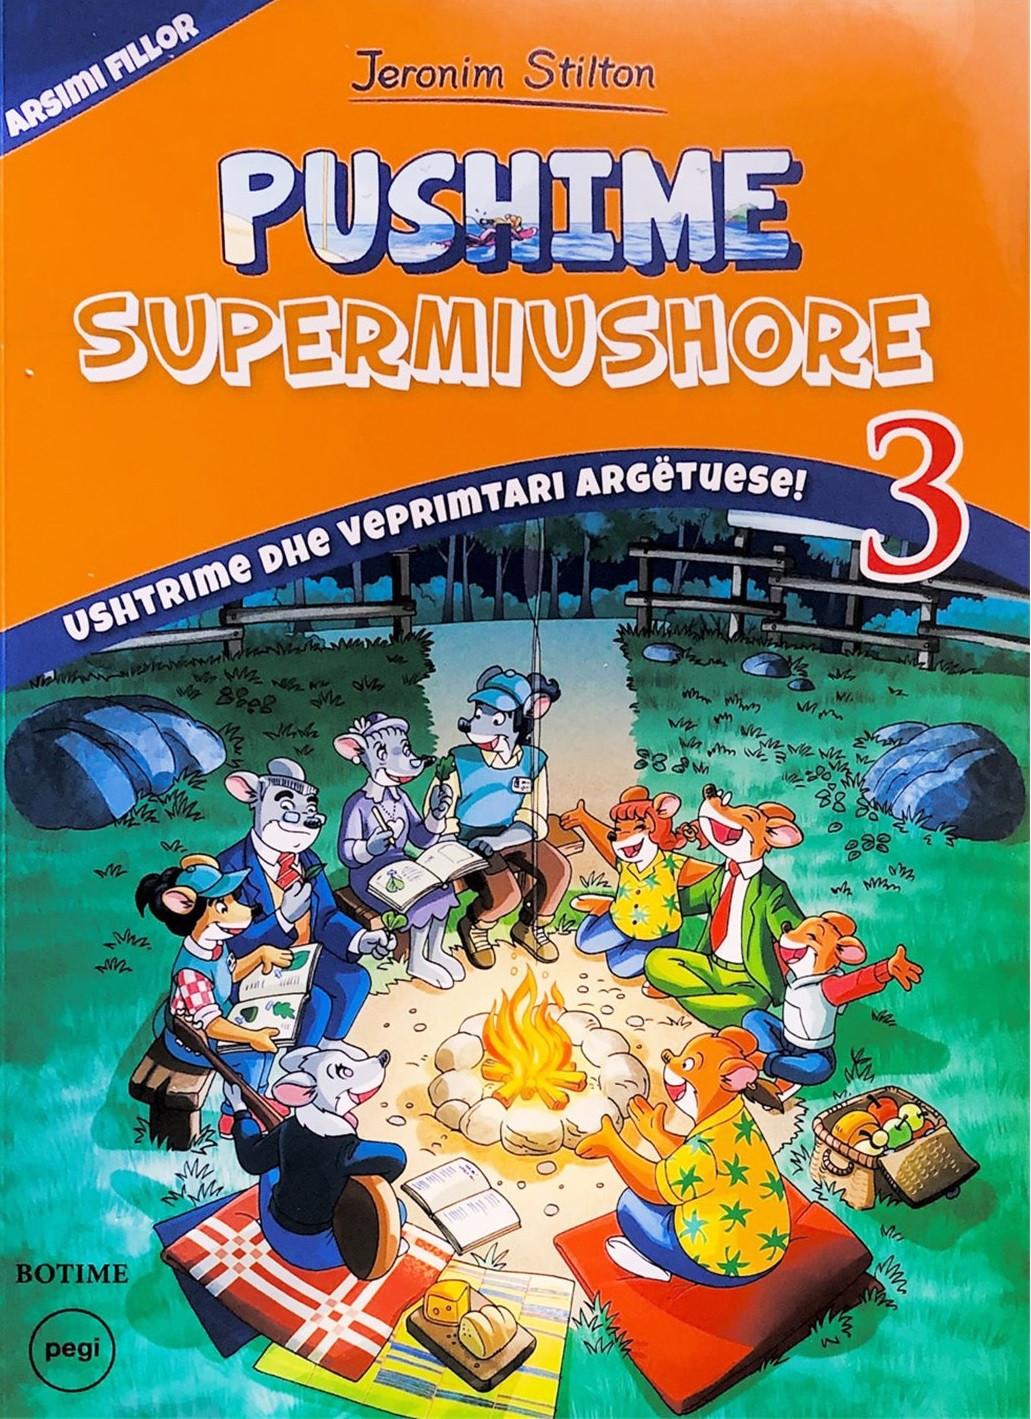 Pushime supermiushore 3